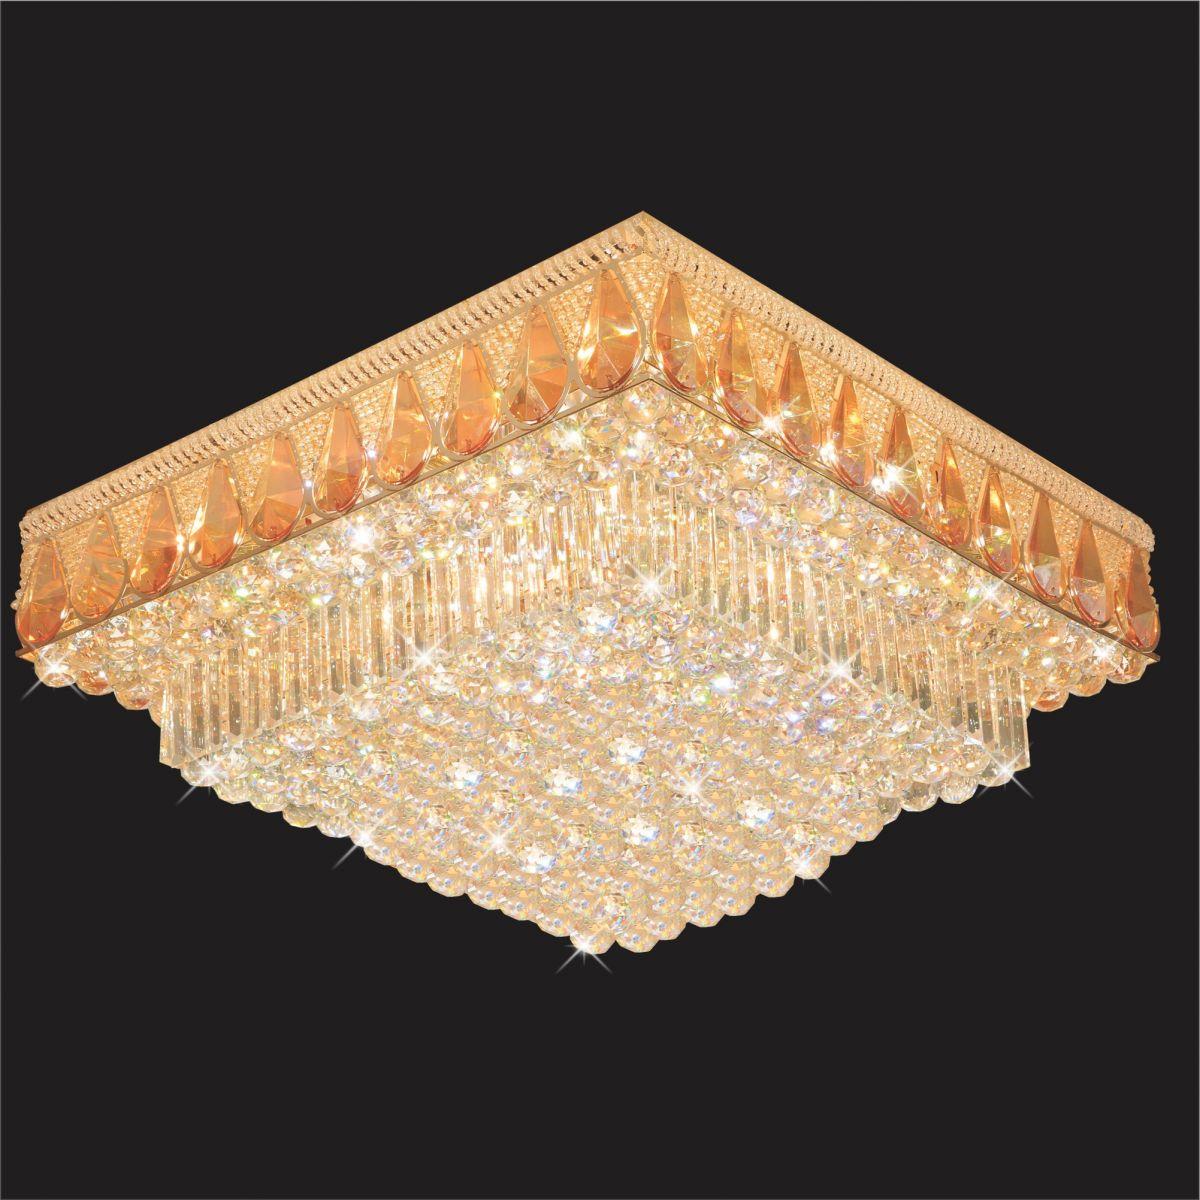 Đèn Mâm Pha Lê Hufa MLF 1506 Ø600xH280 LED SMD 169 HẠT T76